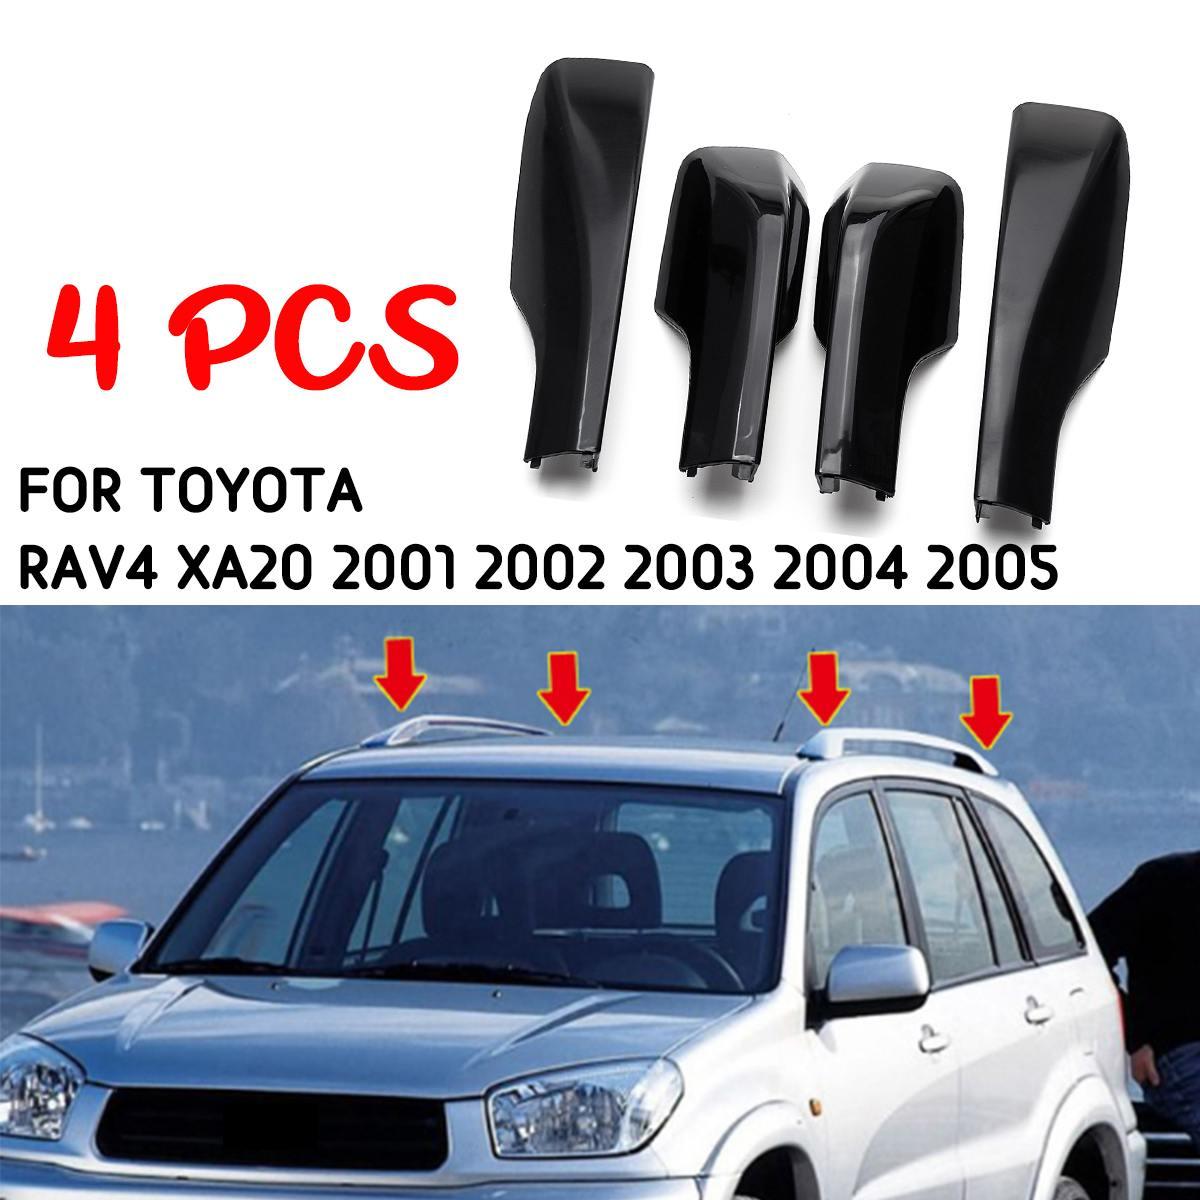 4 pçs substituição para toyota rav4 xa20 2001 2002 2003 2004 2005 estilo do carro preto telhado rack capa barra ferroviário final escudo acessórios